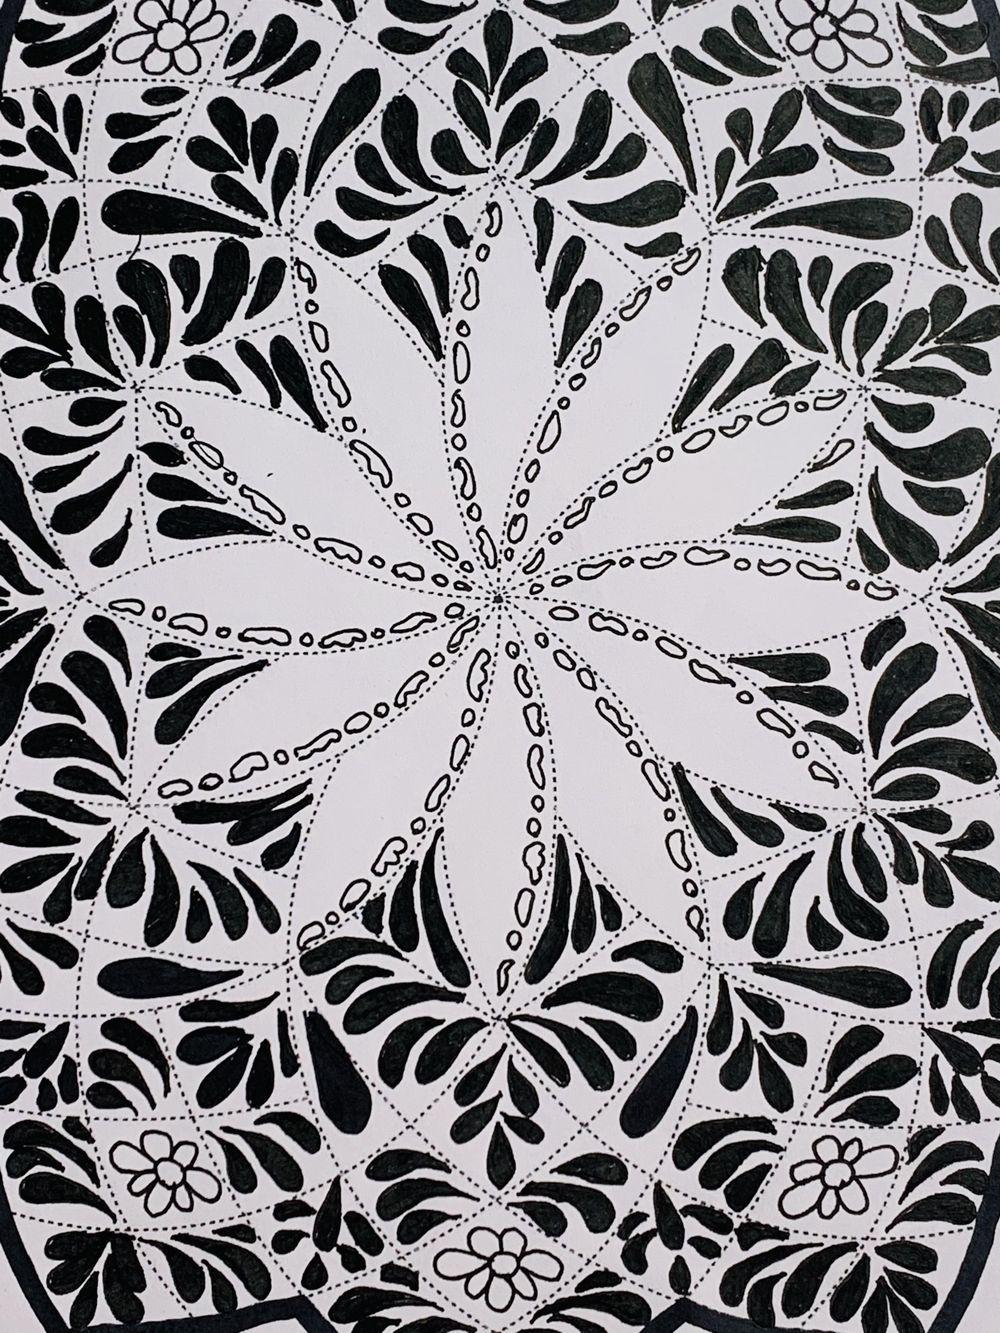 Mandala Art - Hoomyrah Rambhia - image 1 - student project